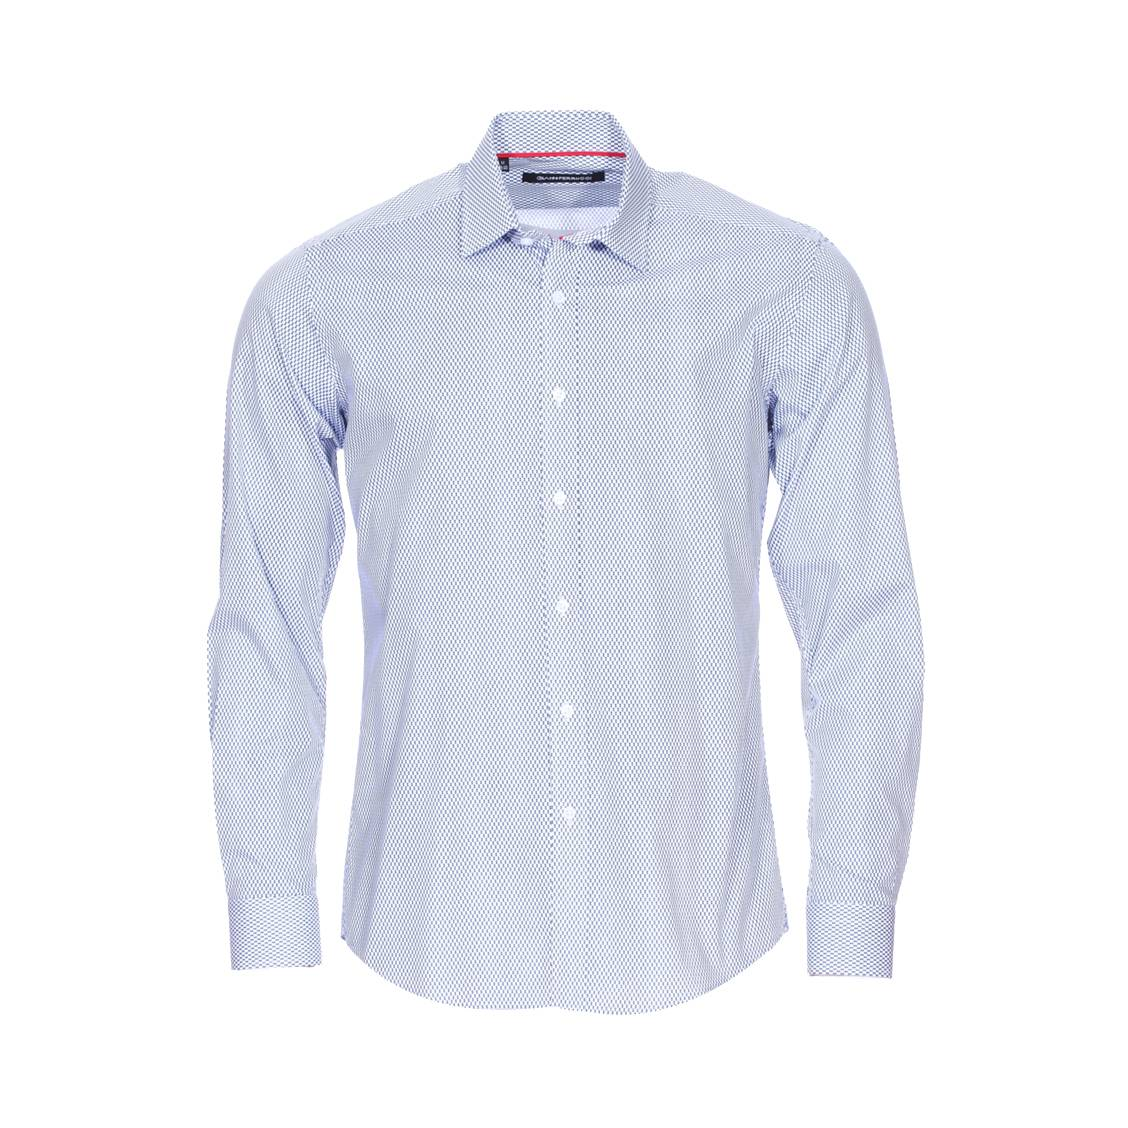 Chemise cintrée  en coton bleu marine à motifs indigo et blancs